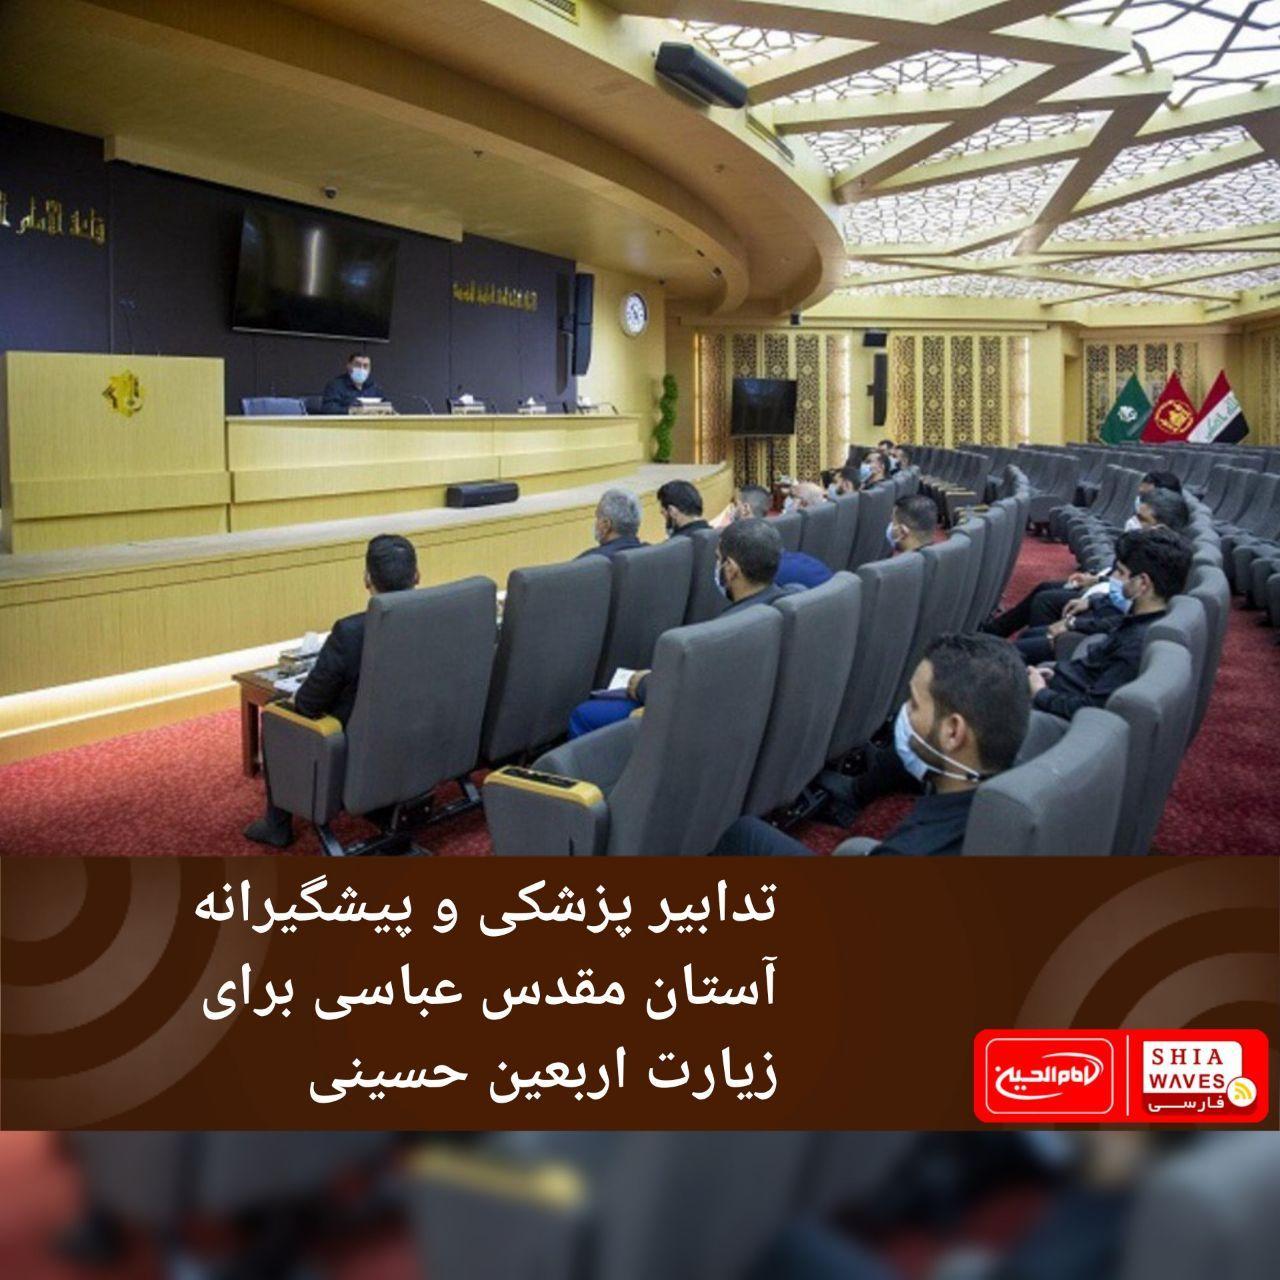 تصویر تدابیر پزشکی و پیشگیرانه آستان مقدس عباسی برای زیارت اربعین حسینی